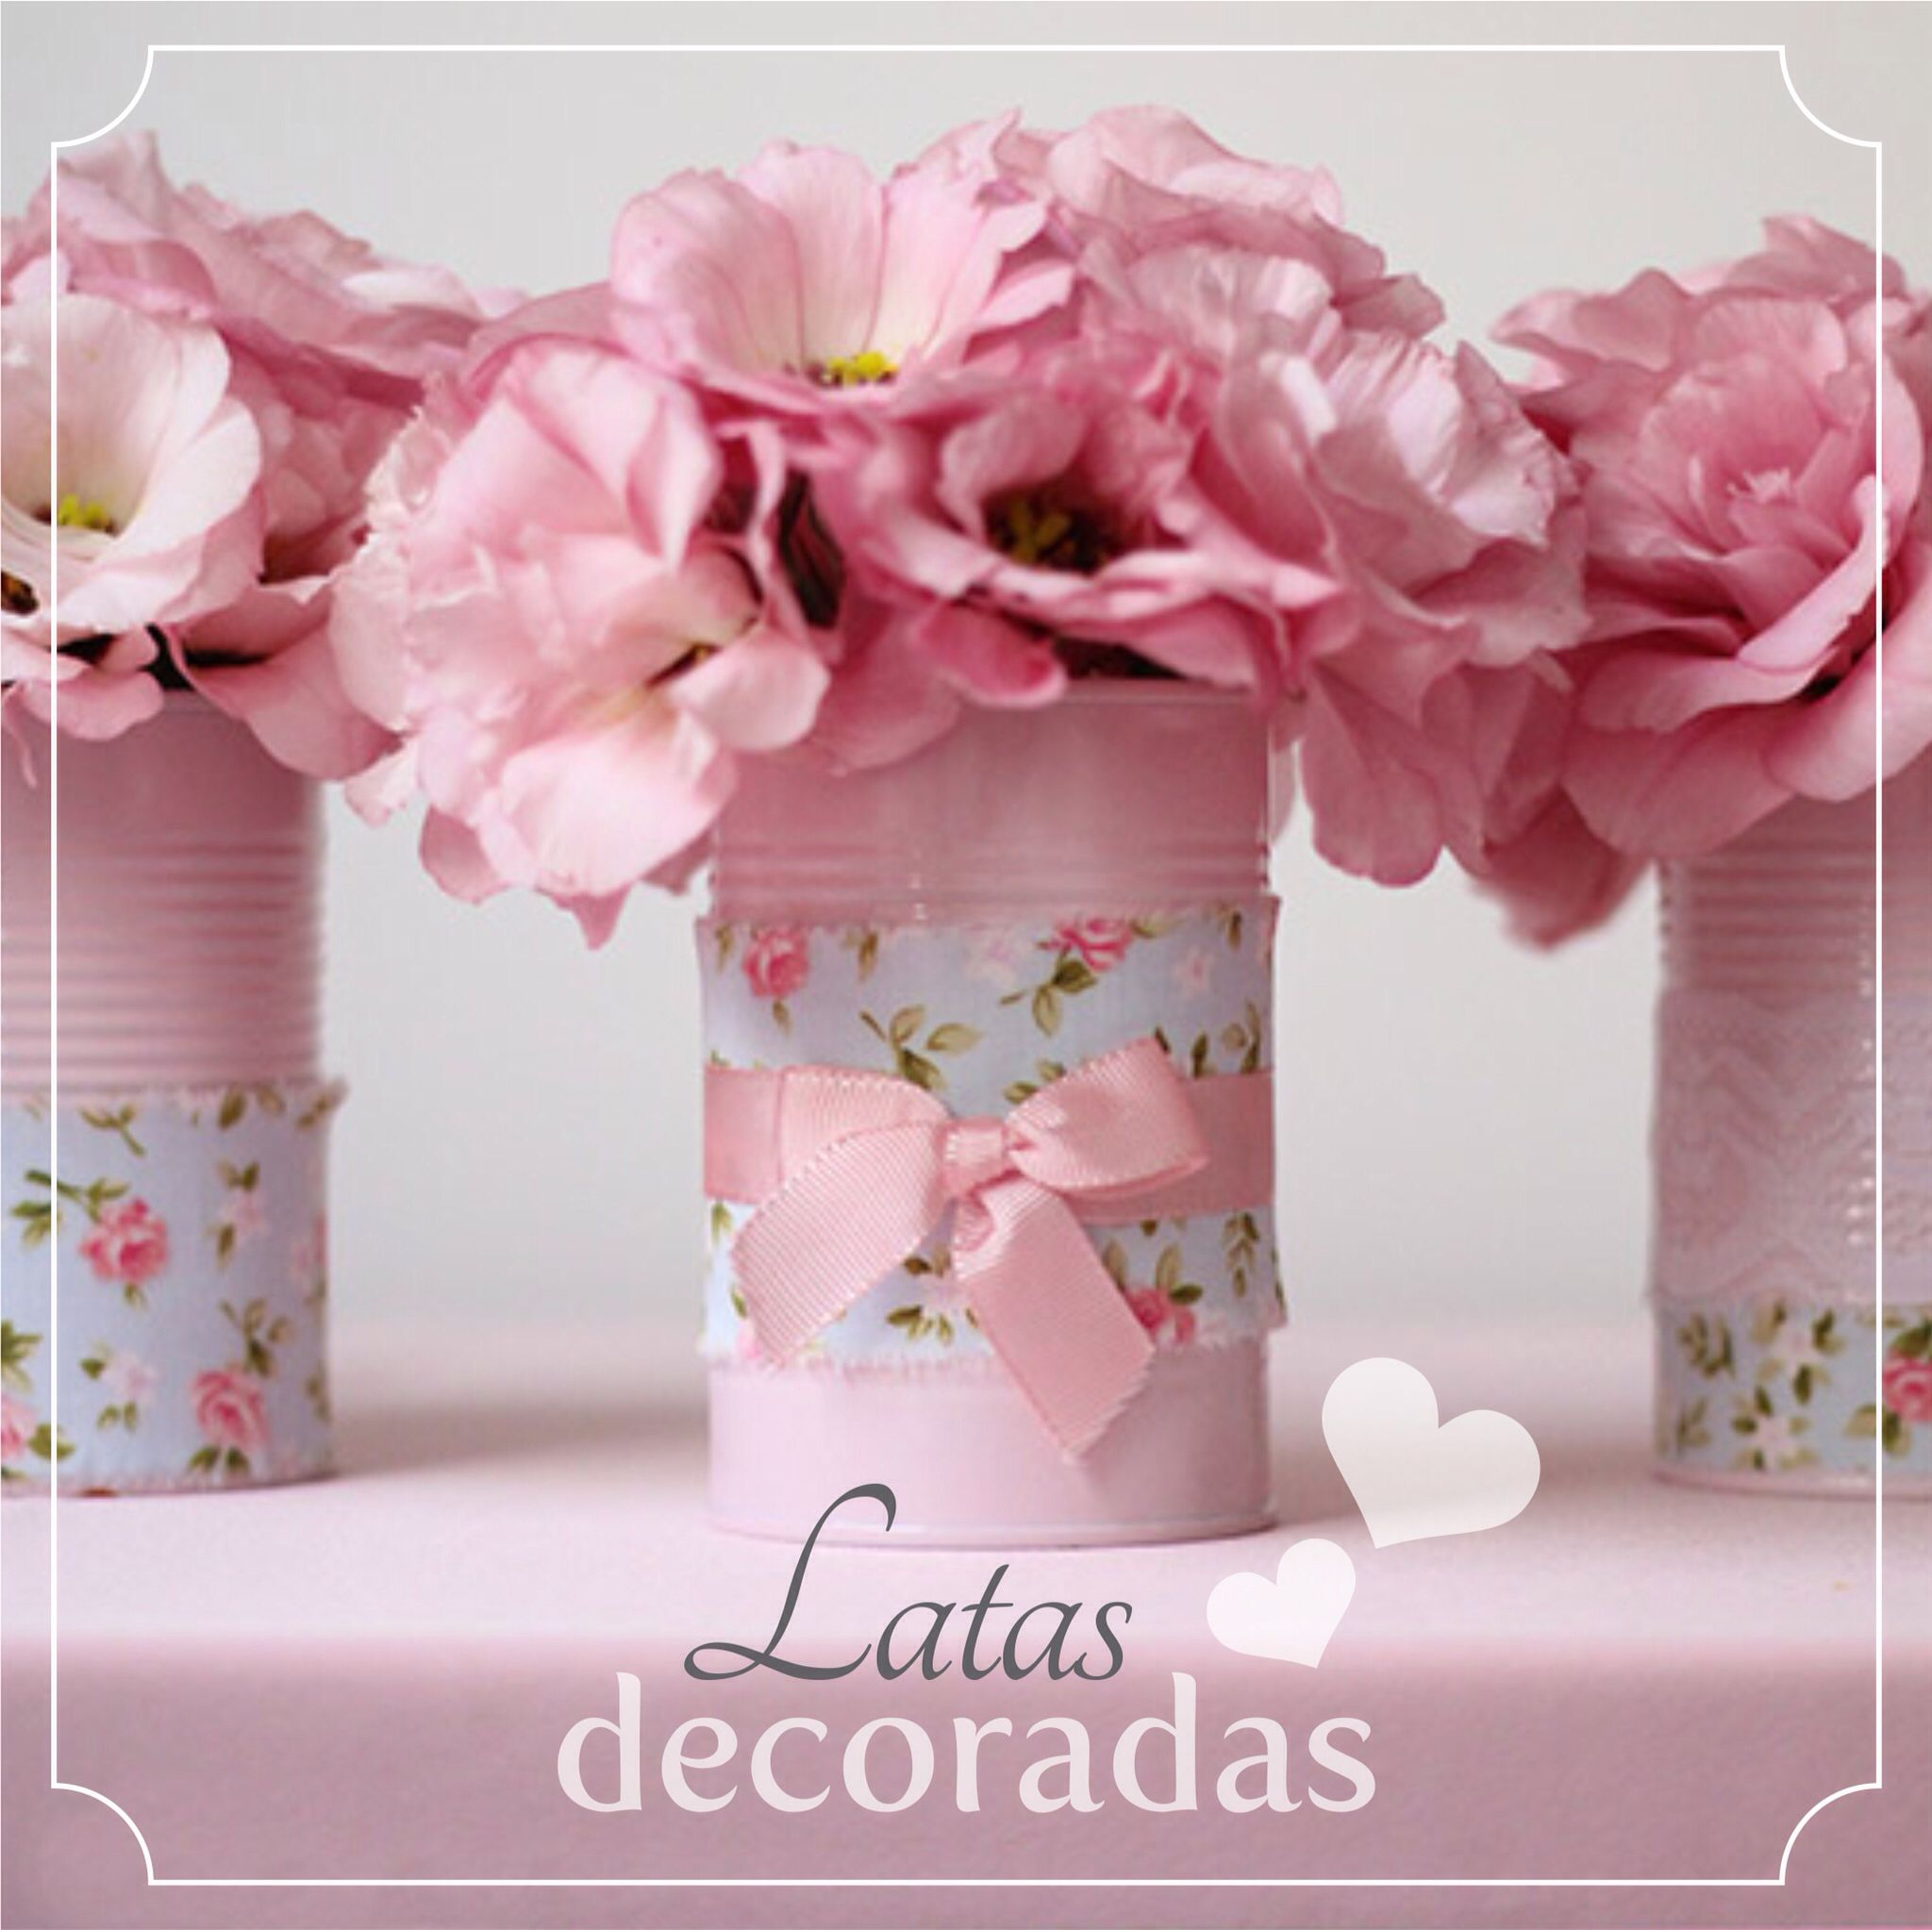 b7a69d5008 DIY  latas de molho de tomate pintadas e decoradas viraram lindos vasinhos.   joyinthebox  diy  latasdecoradas